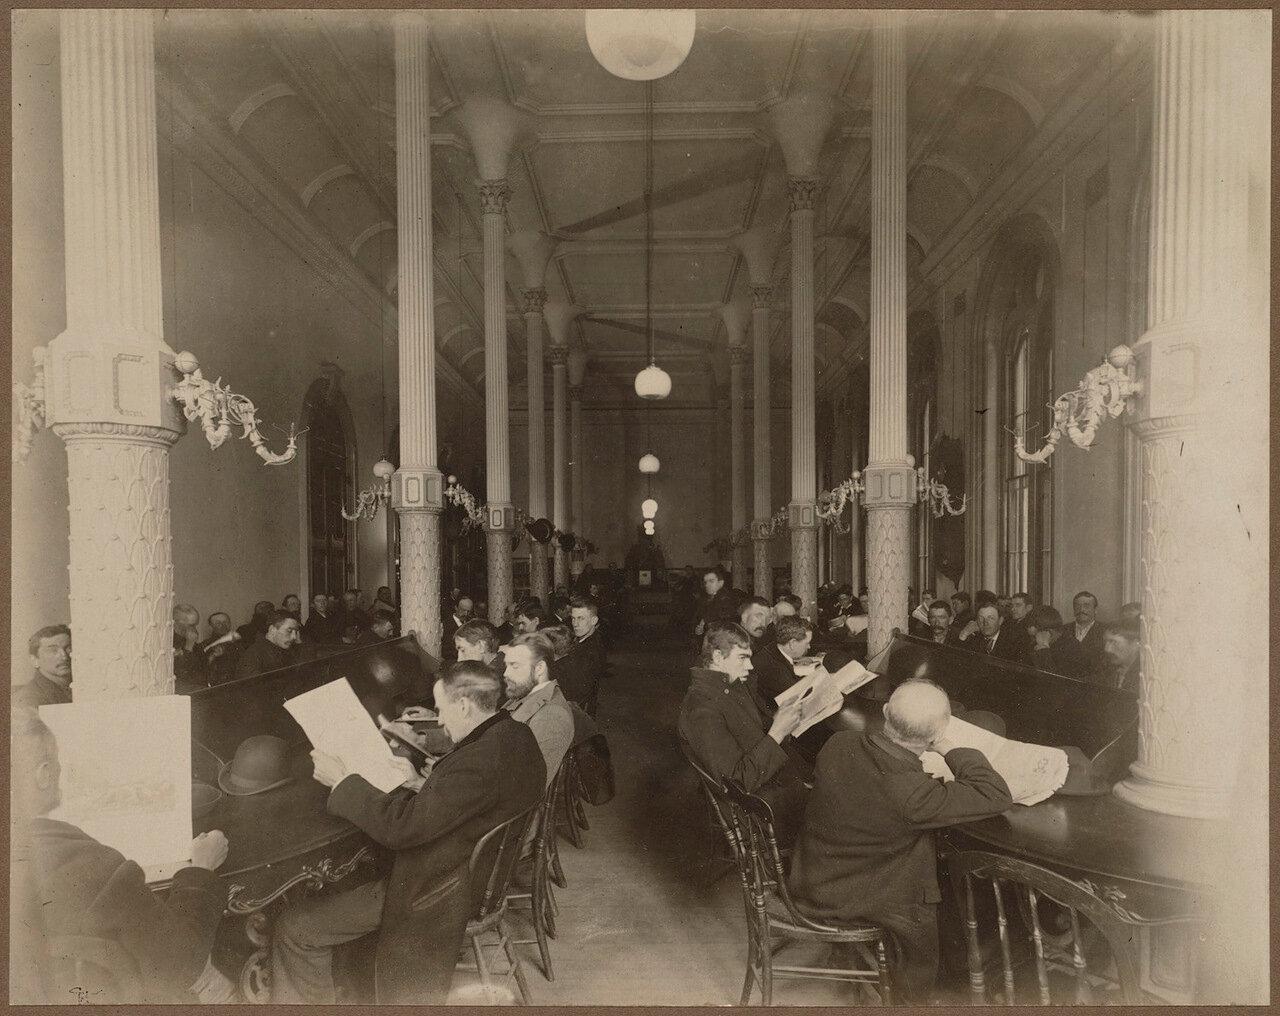 1895. Бостонская публичная библиотека. Читальный зал